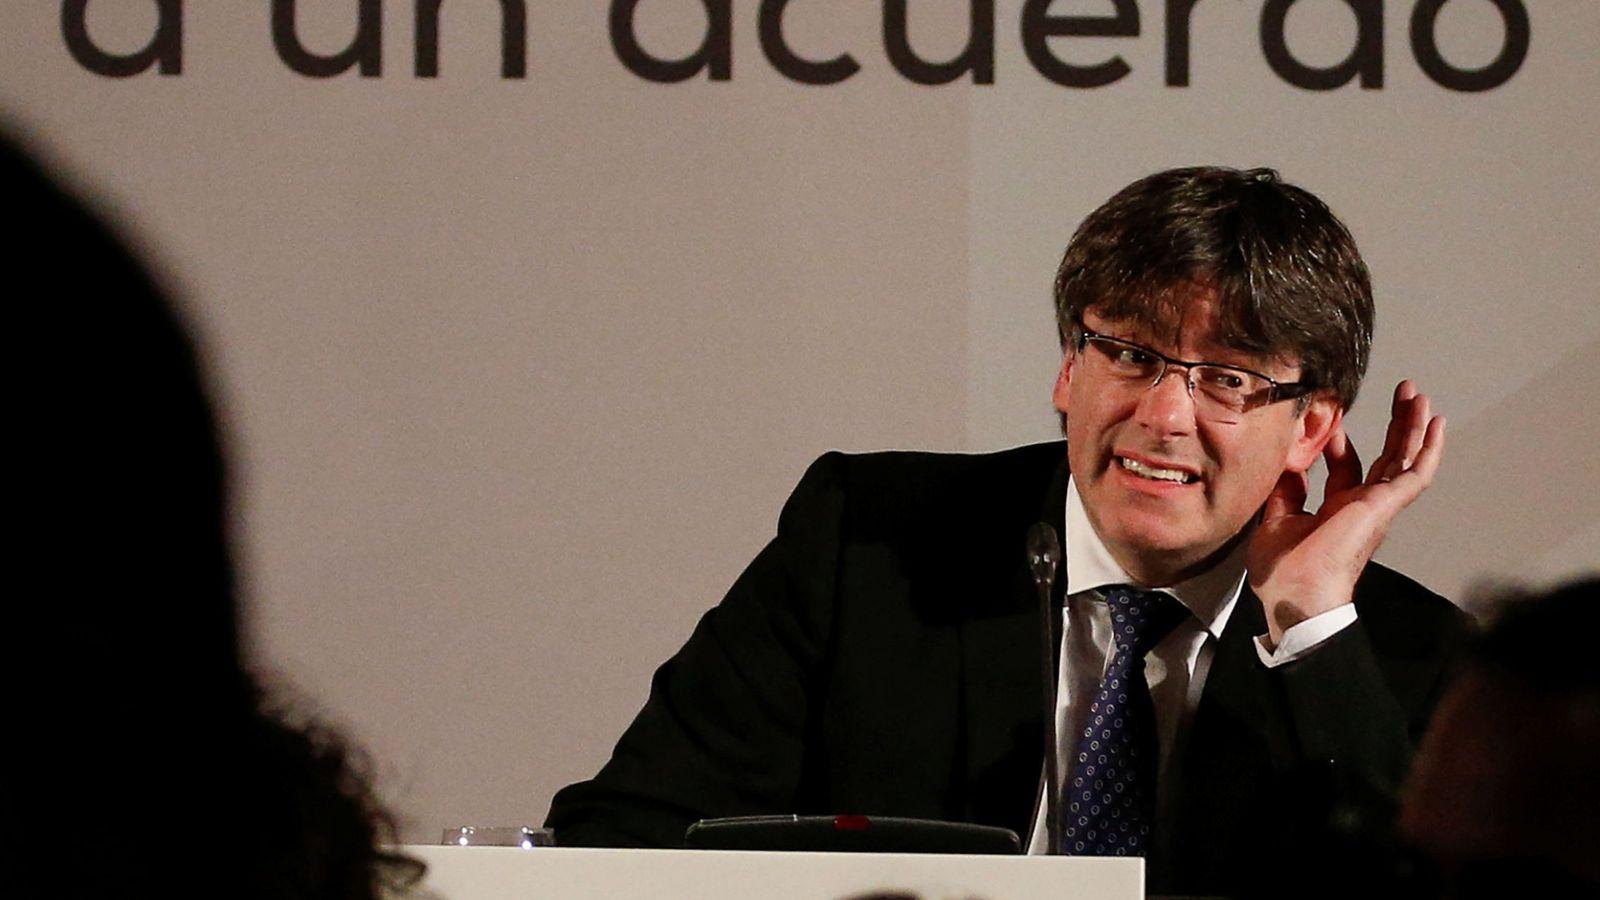 Foto: El presidente de la Generalitat, Carles Puigdemont, durante su intervención en la conferencia 'Un referéndum para Cataluña. Invitación a un acuerdo democrático', en Madrid. (EFE)